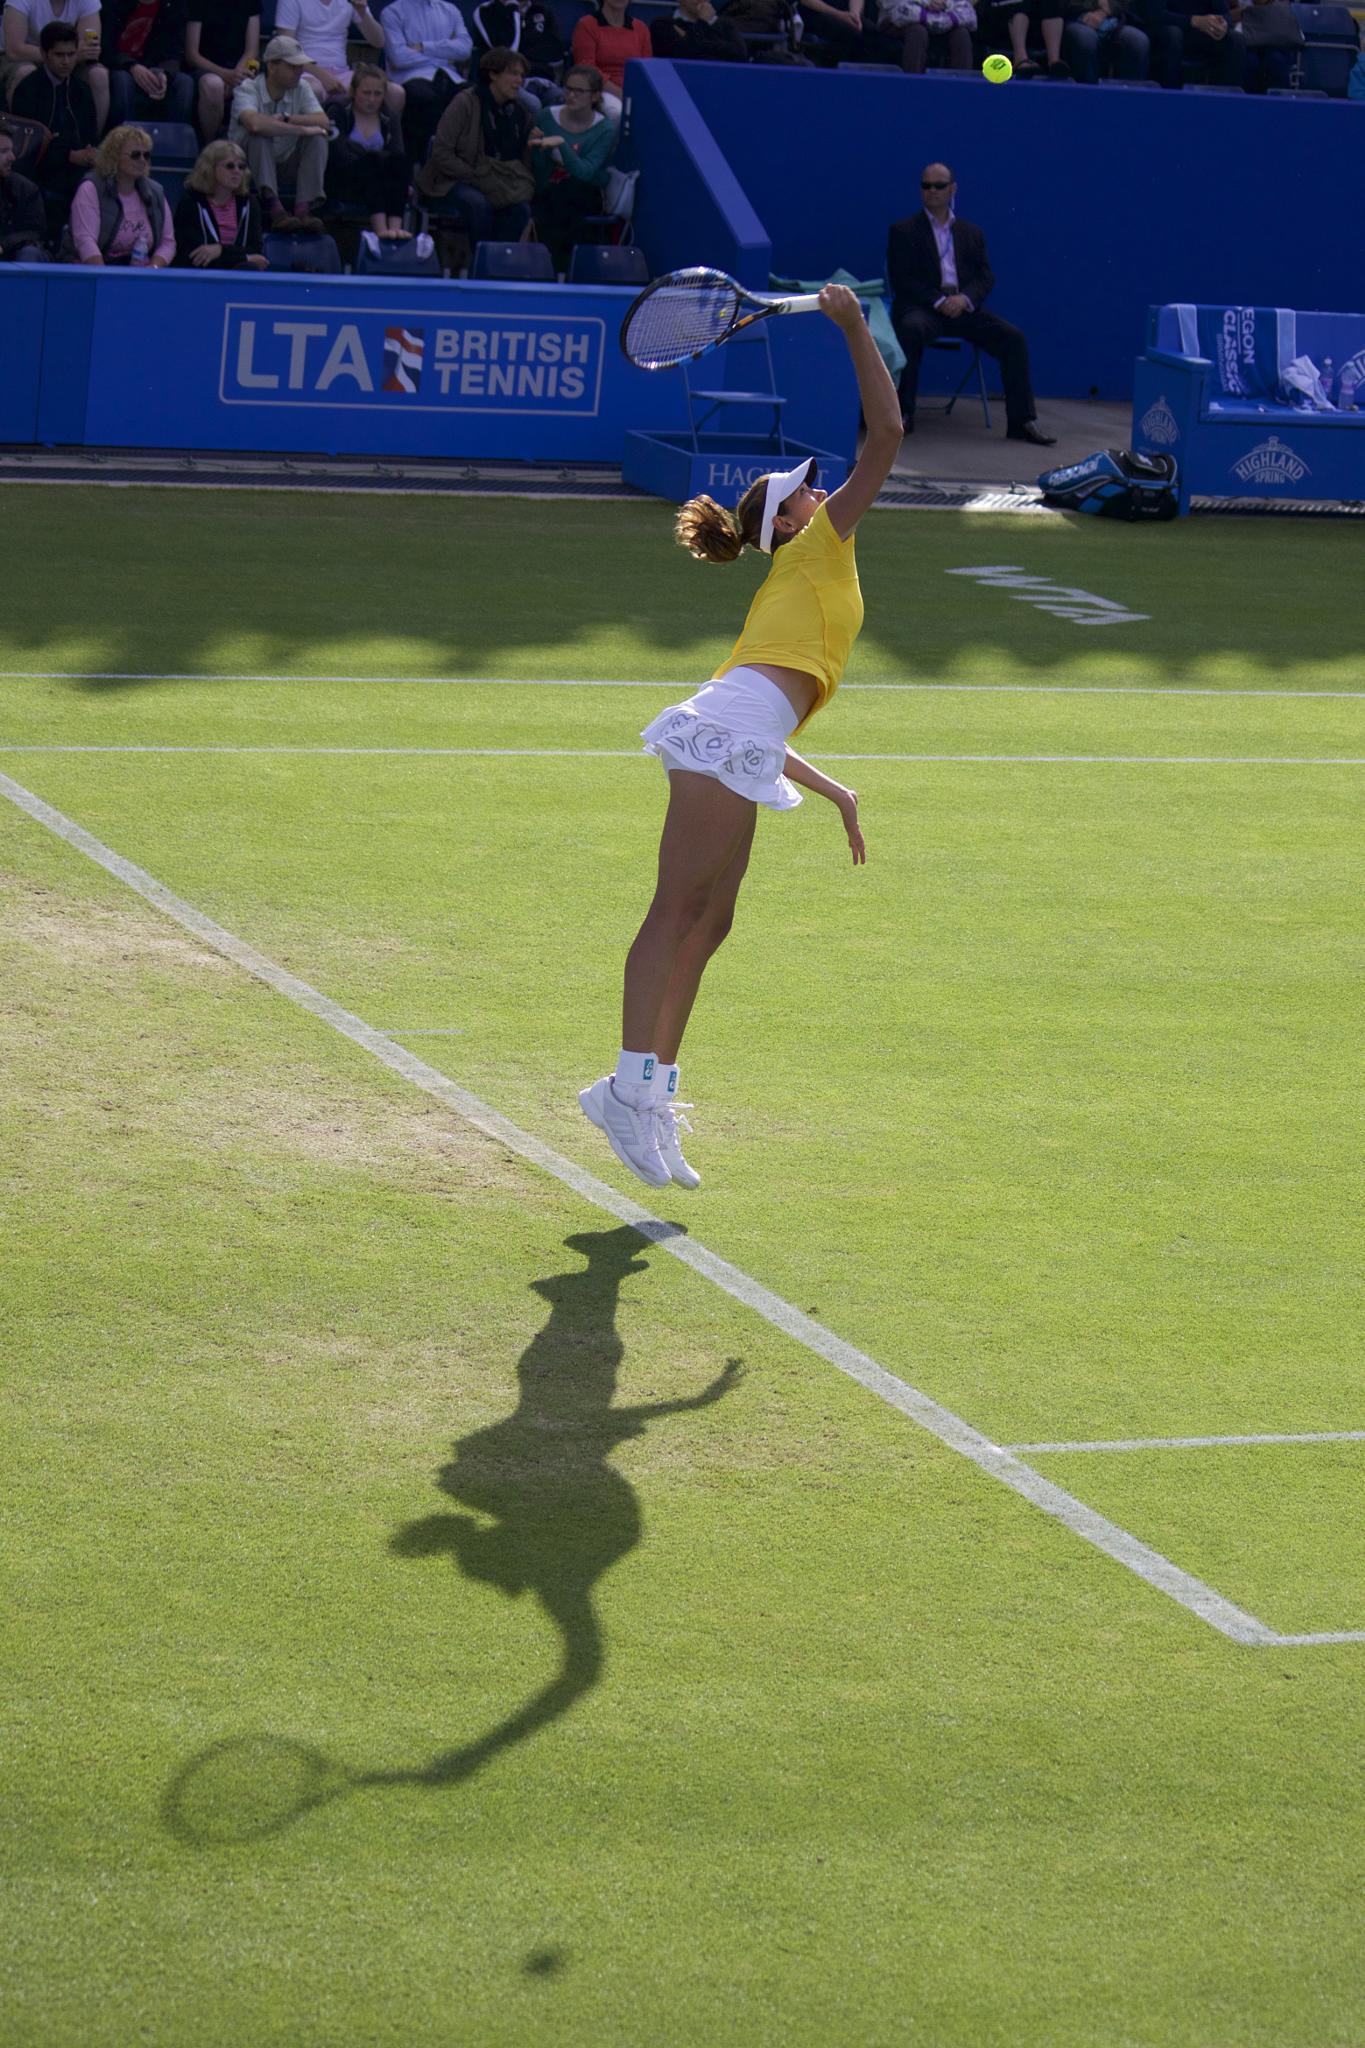 Shadowing Tennis by AlGurr